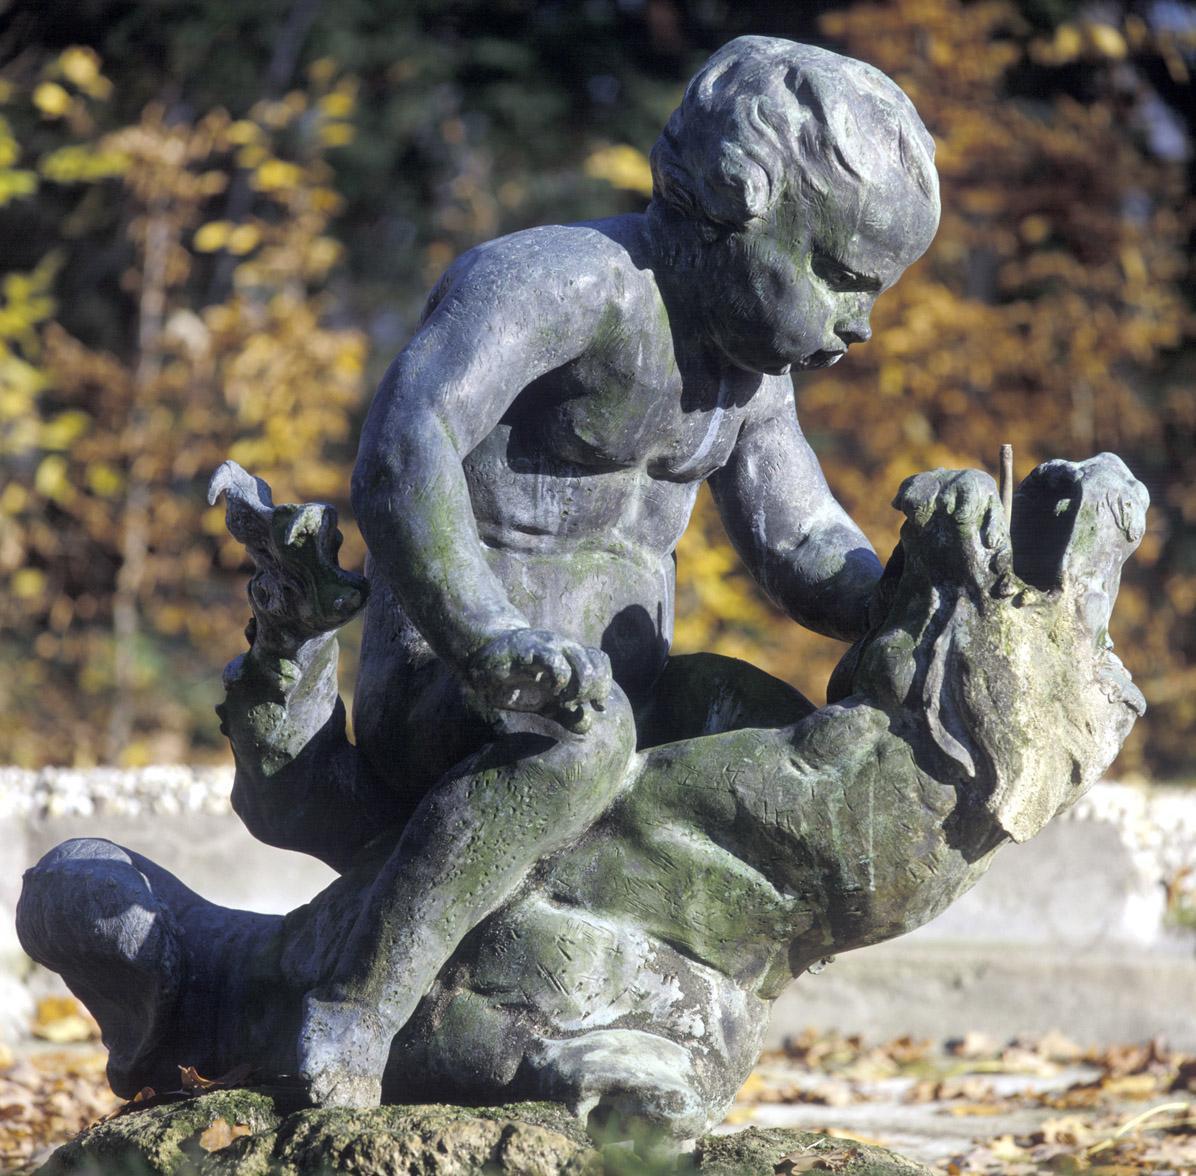 Putto mit Seeungeheuer im Schlossgarten von Schloss Schwetzingen; Foto: Staatliche Schlösser und Gärten Baden-Württemberg, Steffen Hauswirth